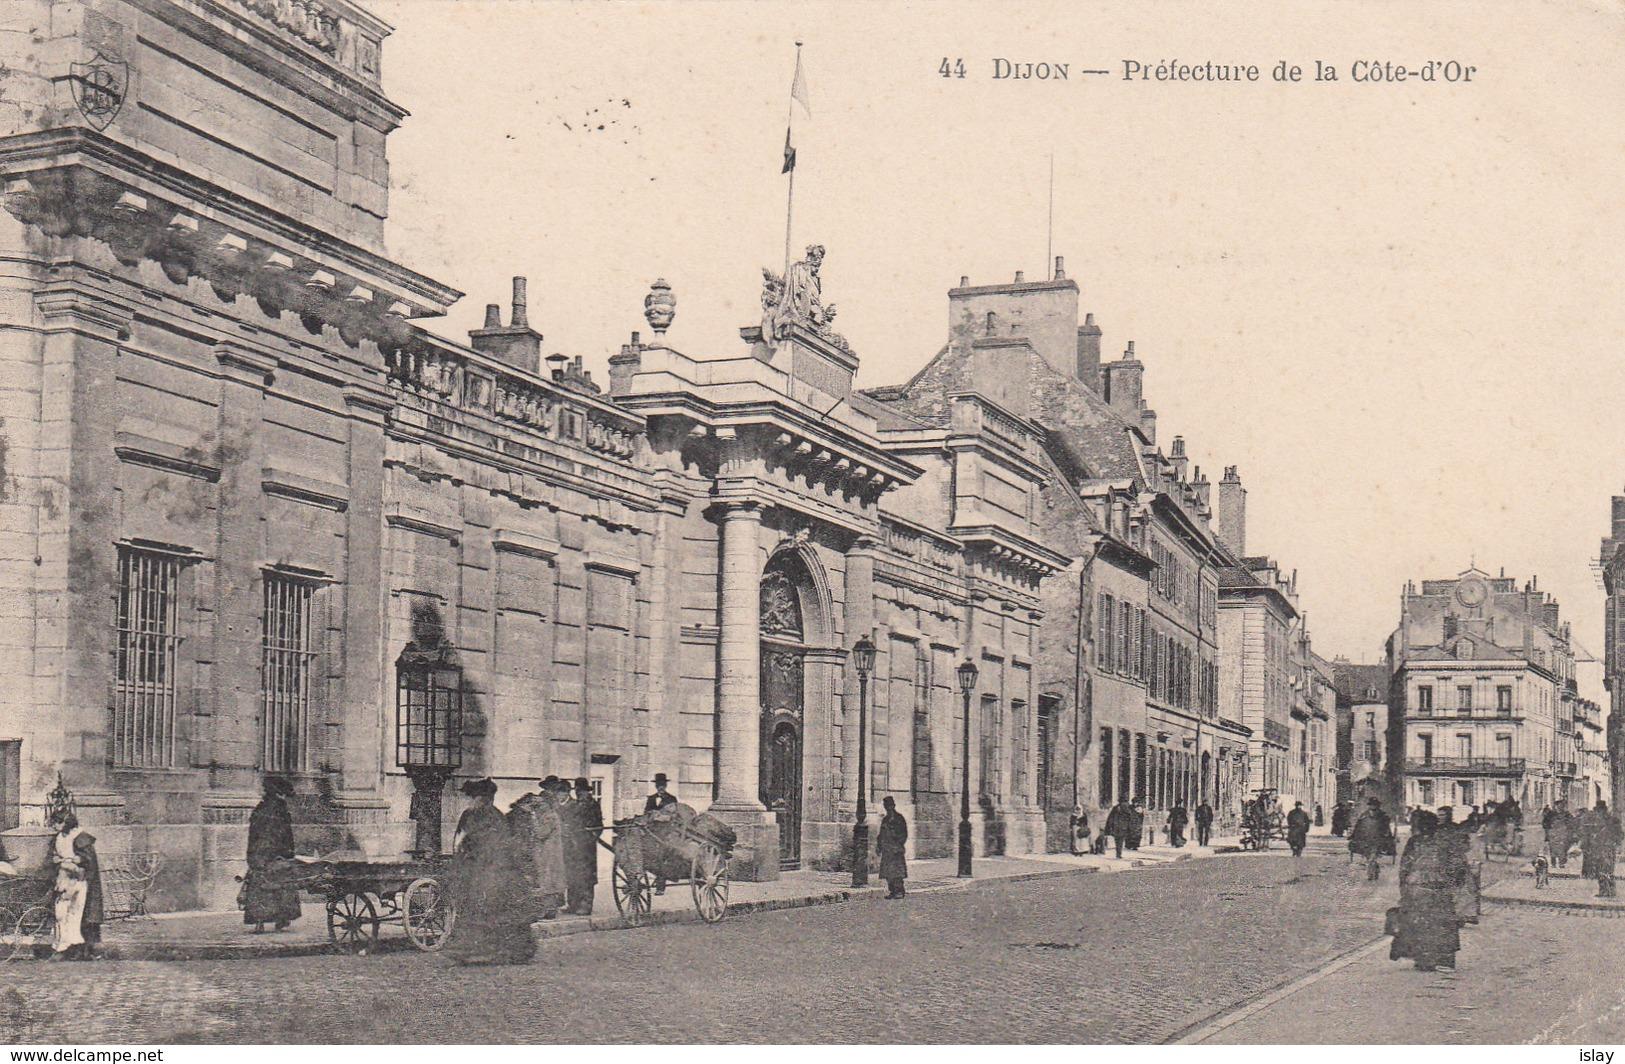 21 - DIJON - Préfecture - Dijon